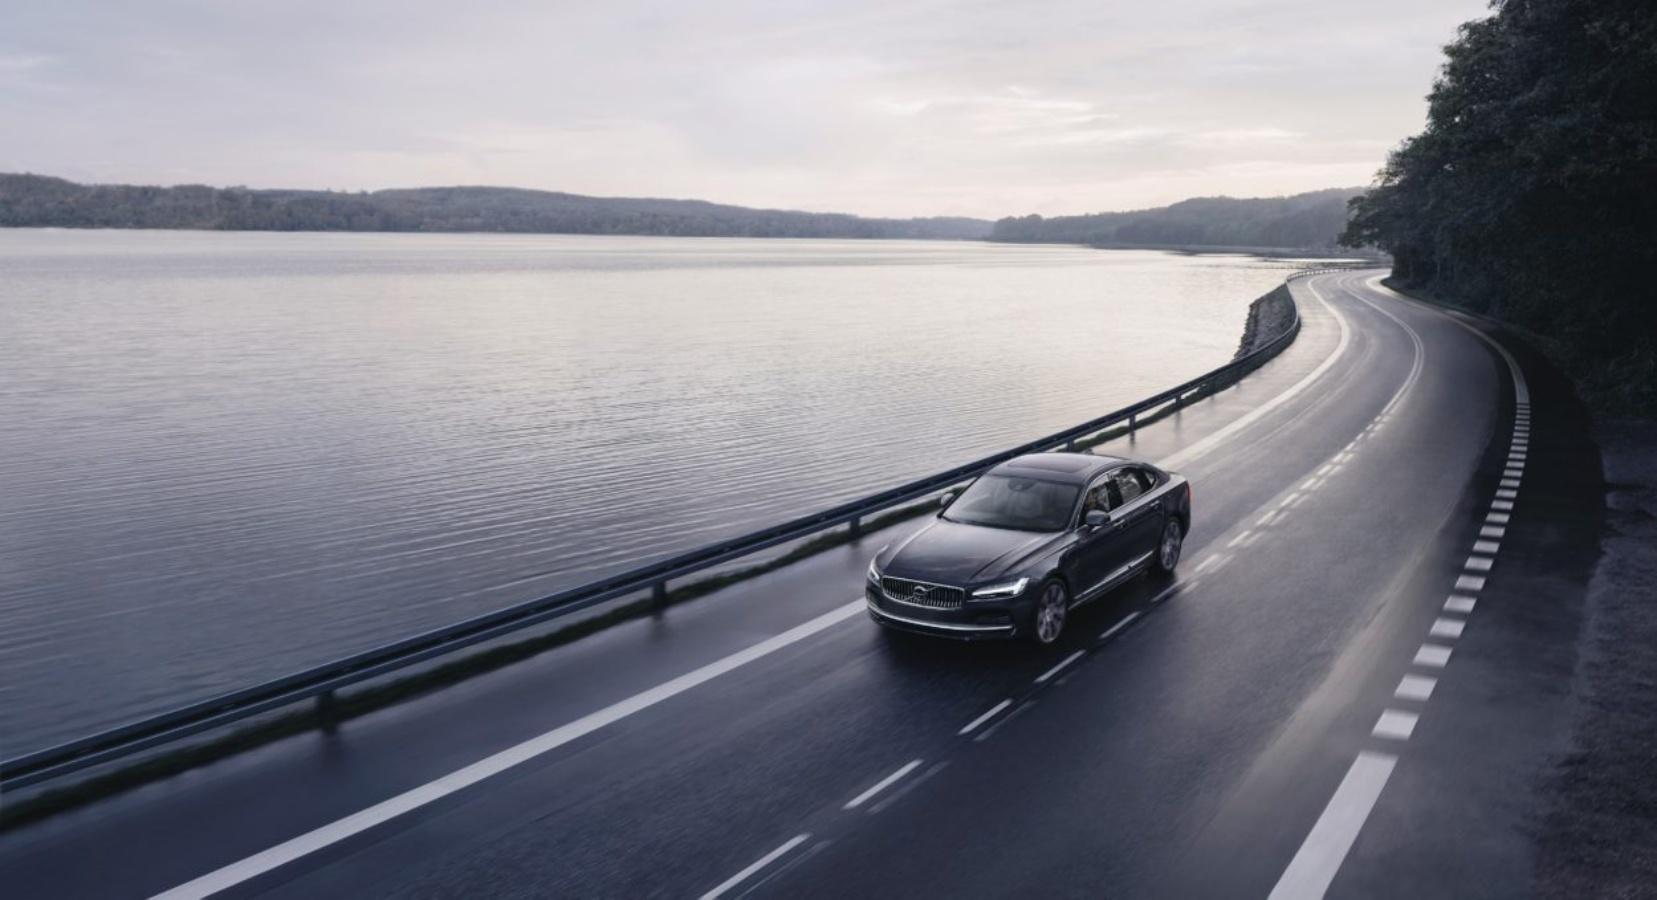 Nowe Volvo pojadą maksymalnie 180 km/h. To dobra decyzja 15